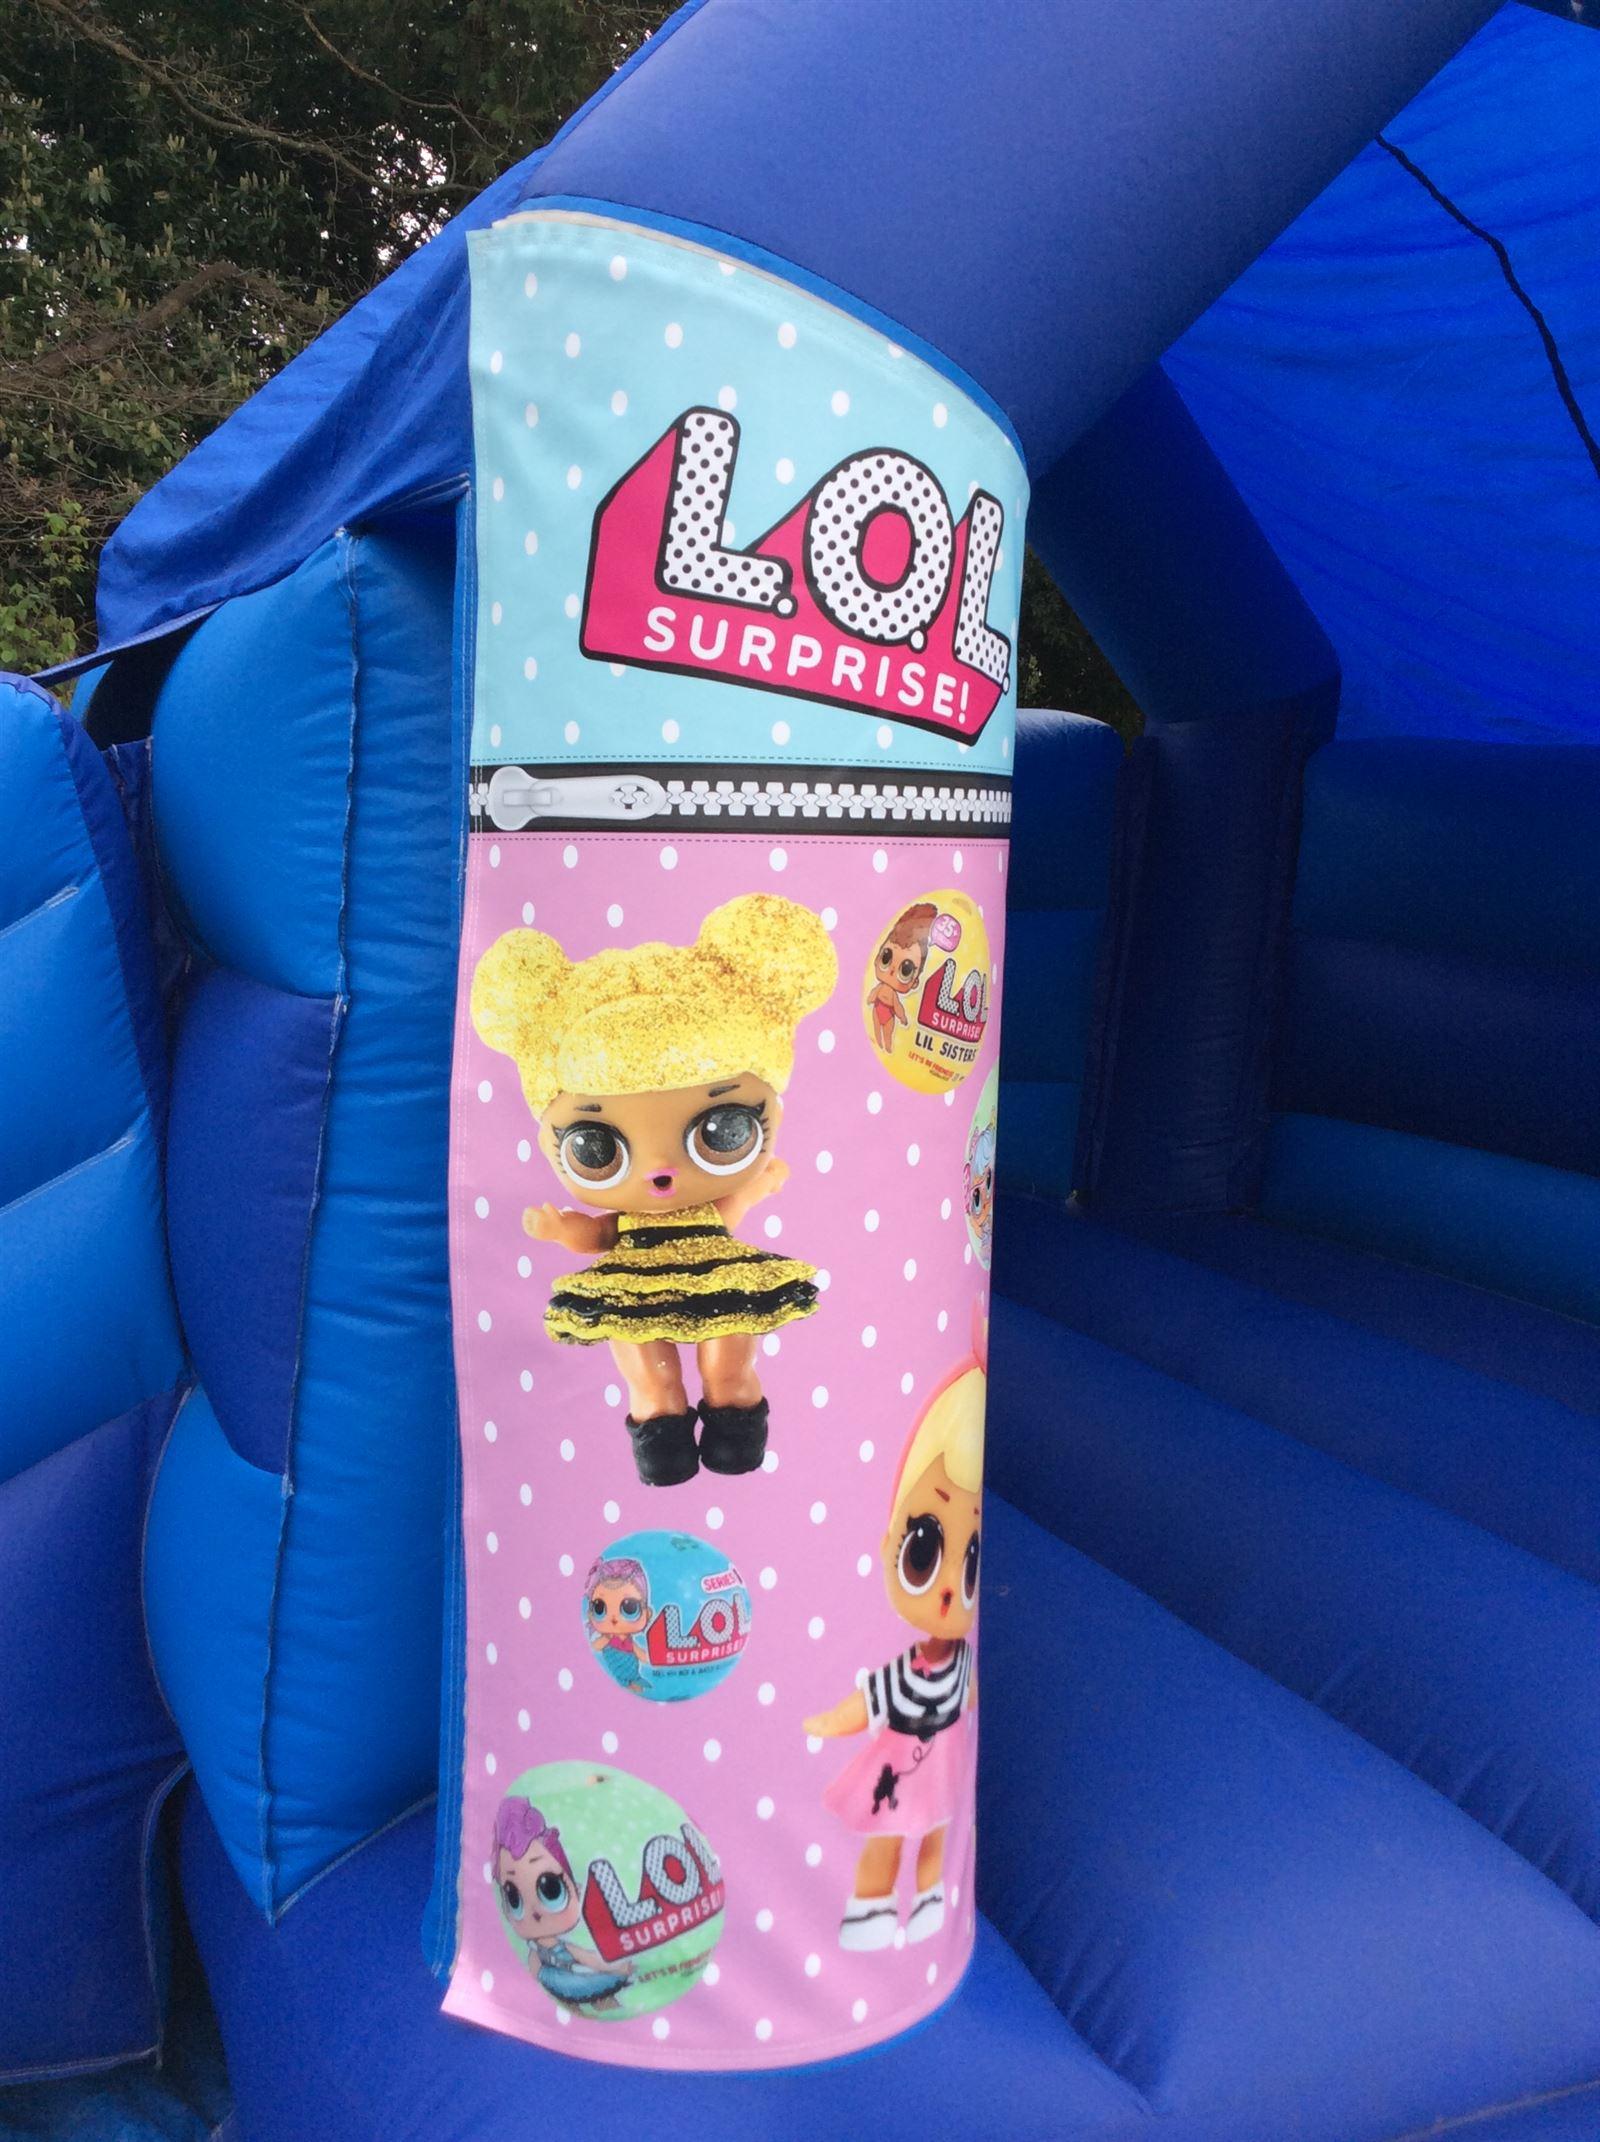 Lol Suprise Bouncy Castle 16ft Vs 15ft Bouncy Castle